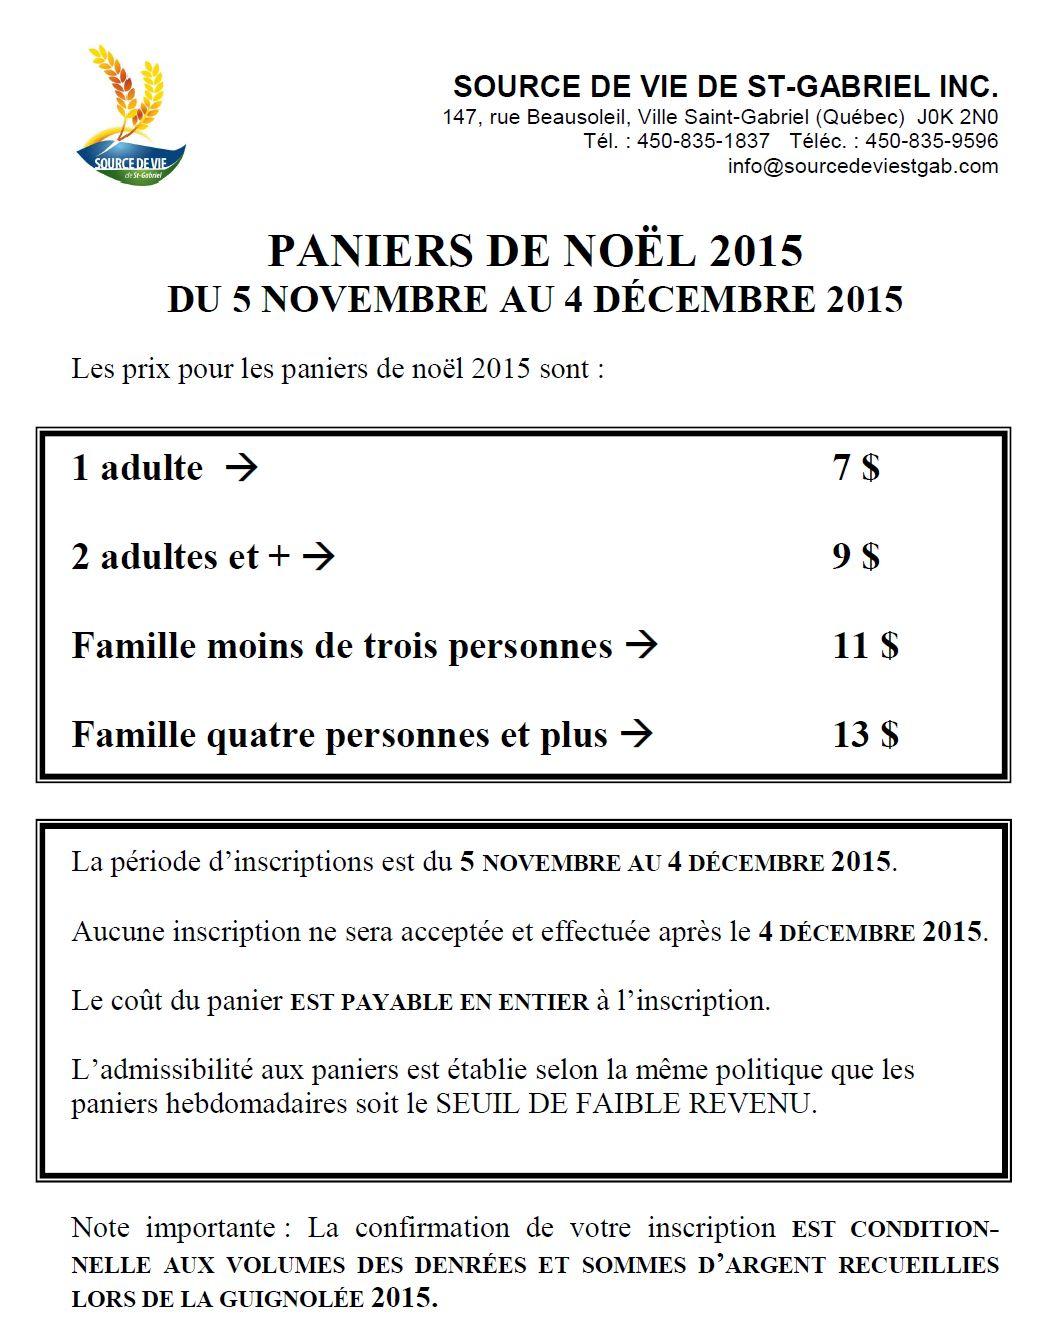 paniers-de-noel-2015